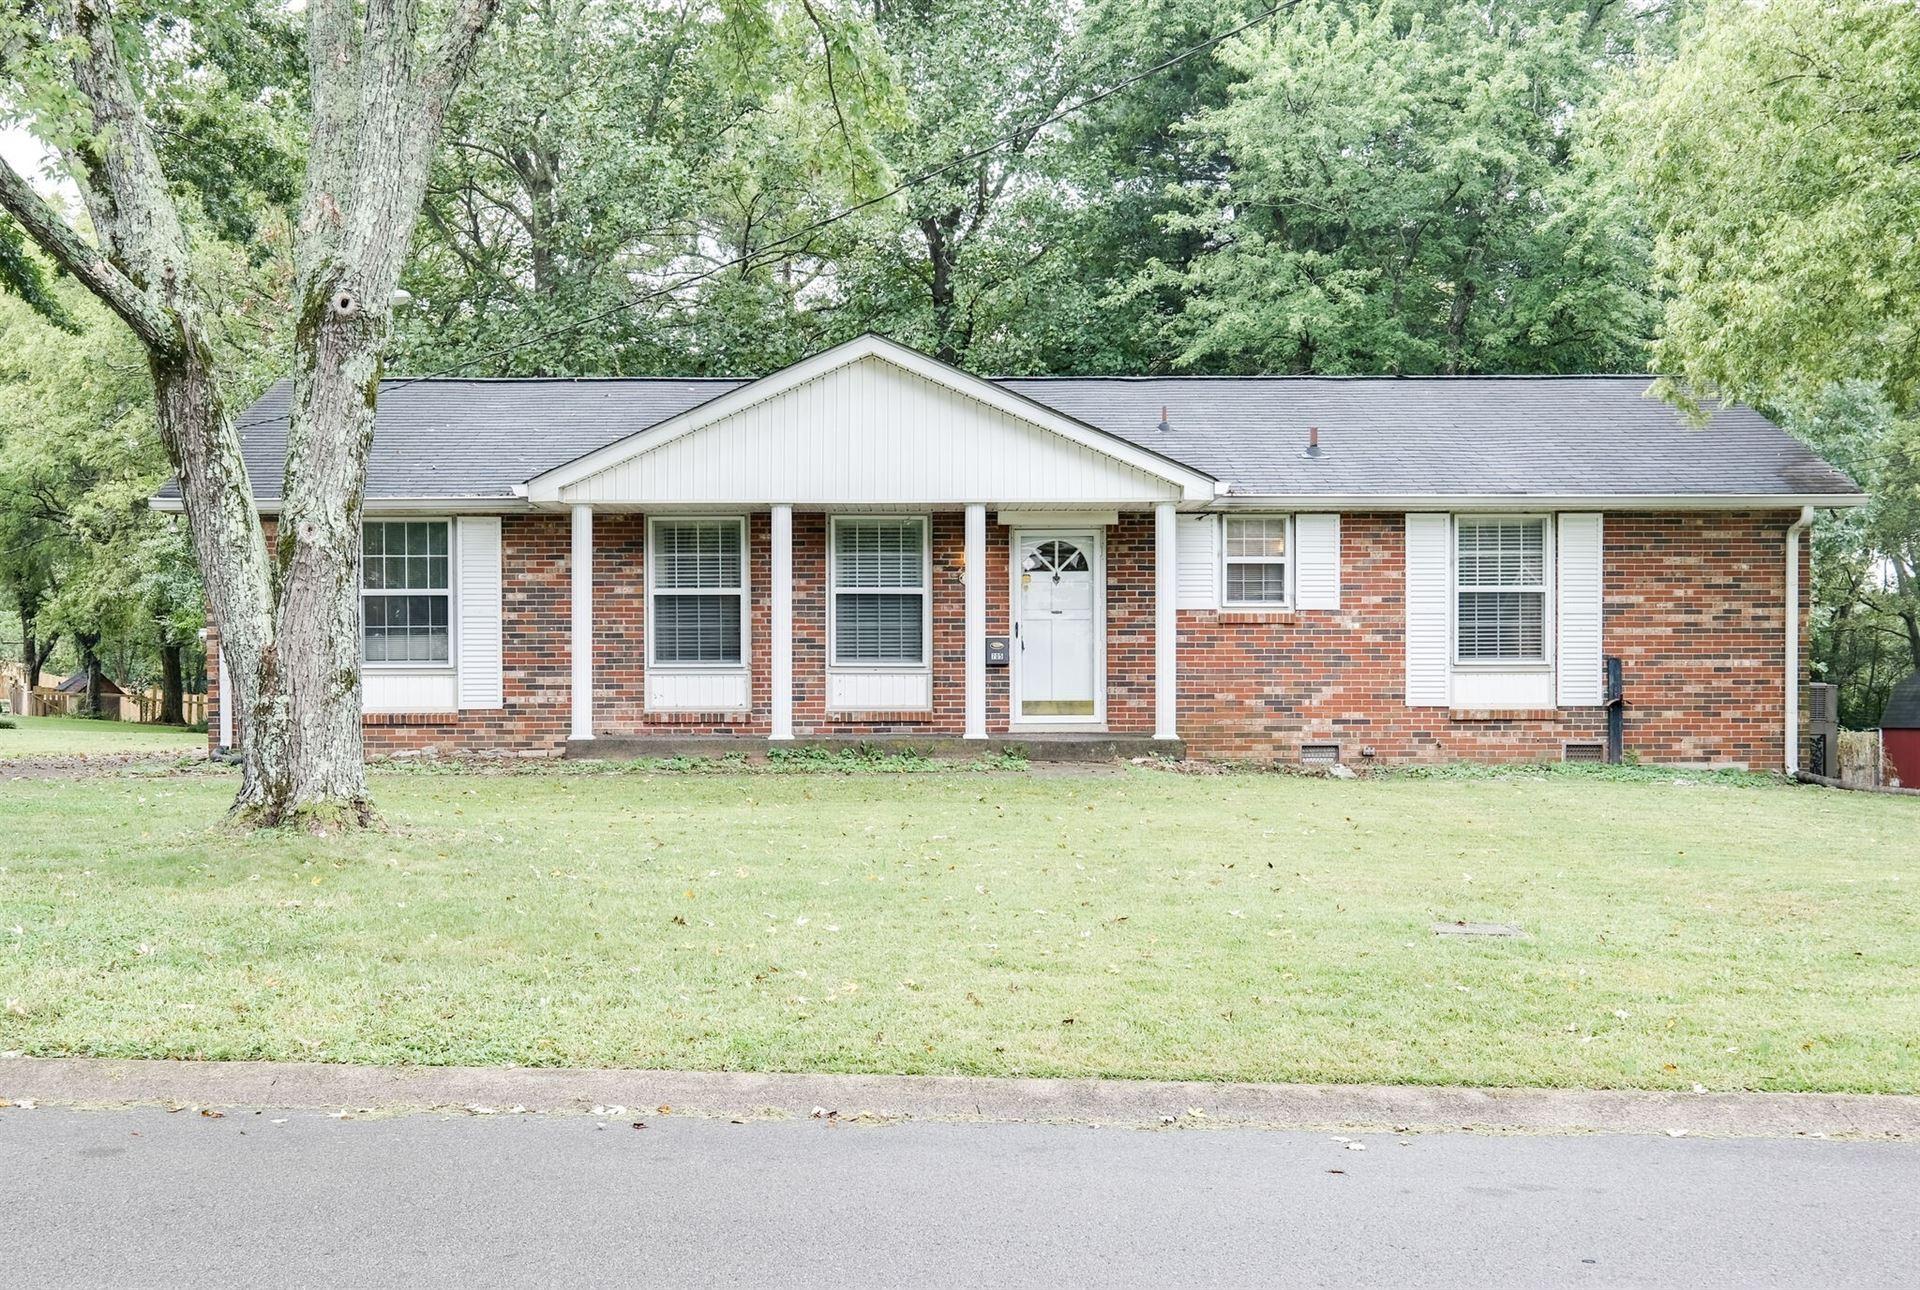 705 Reeves Rd, Antioch, TN 37013 - MLS#: 2212339